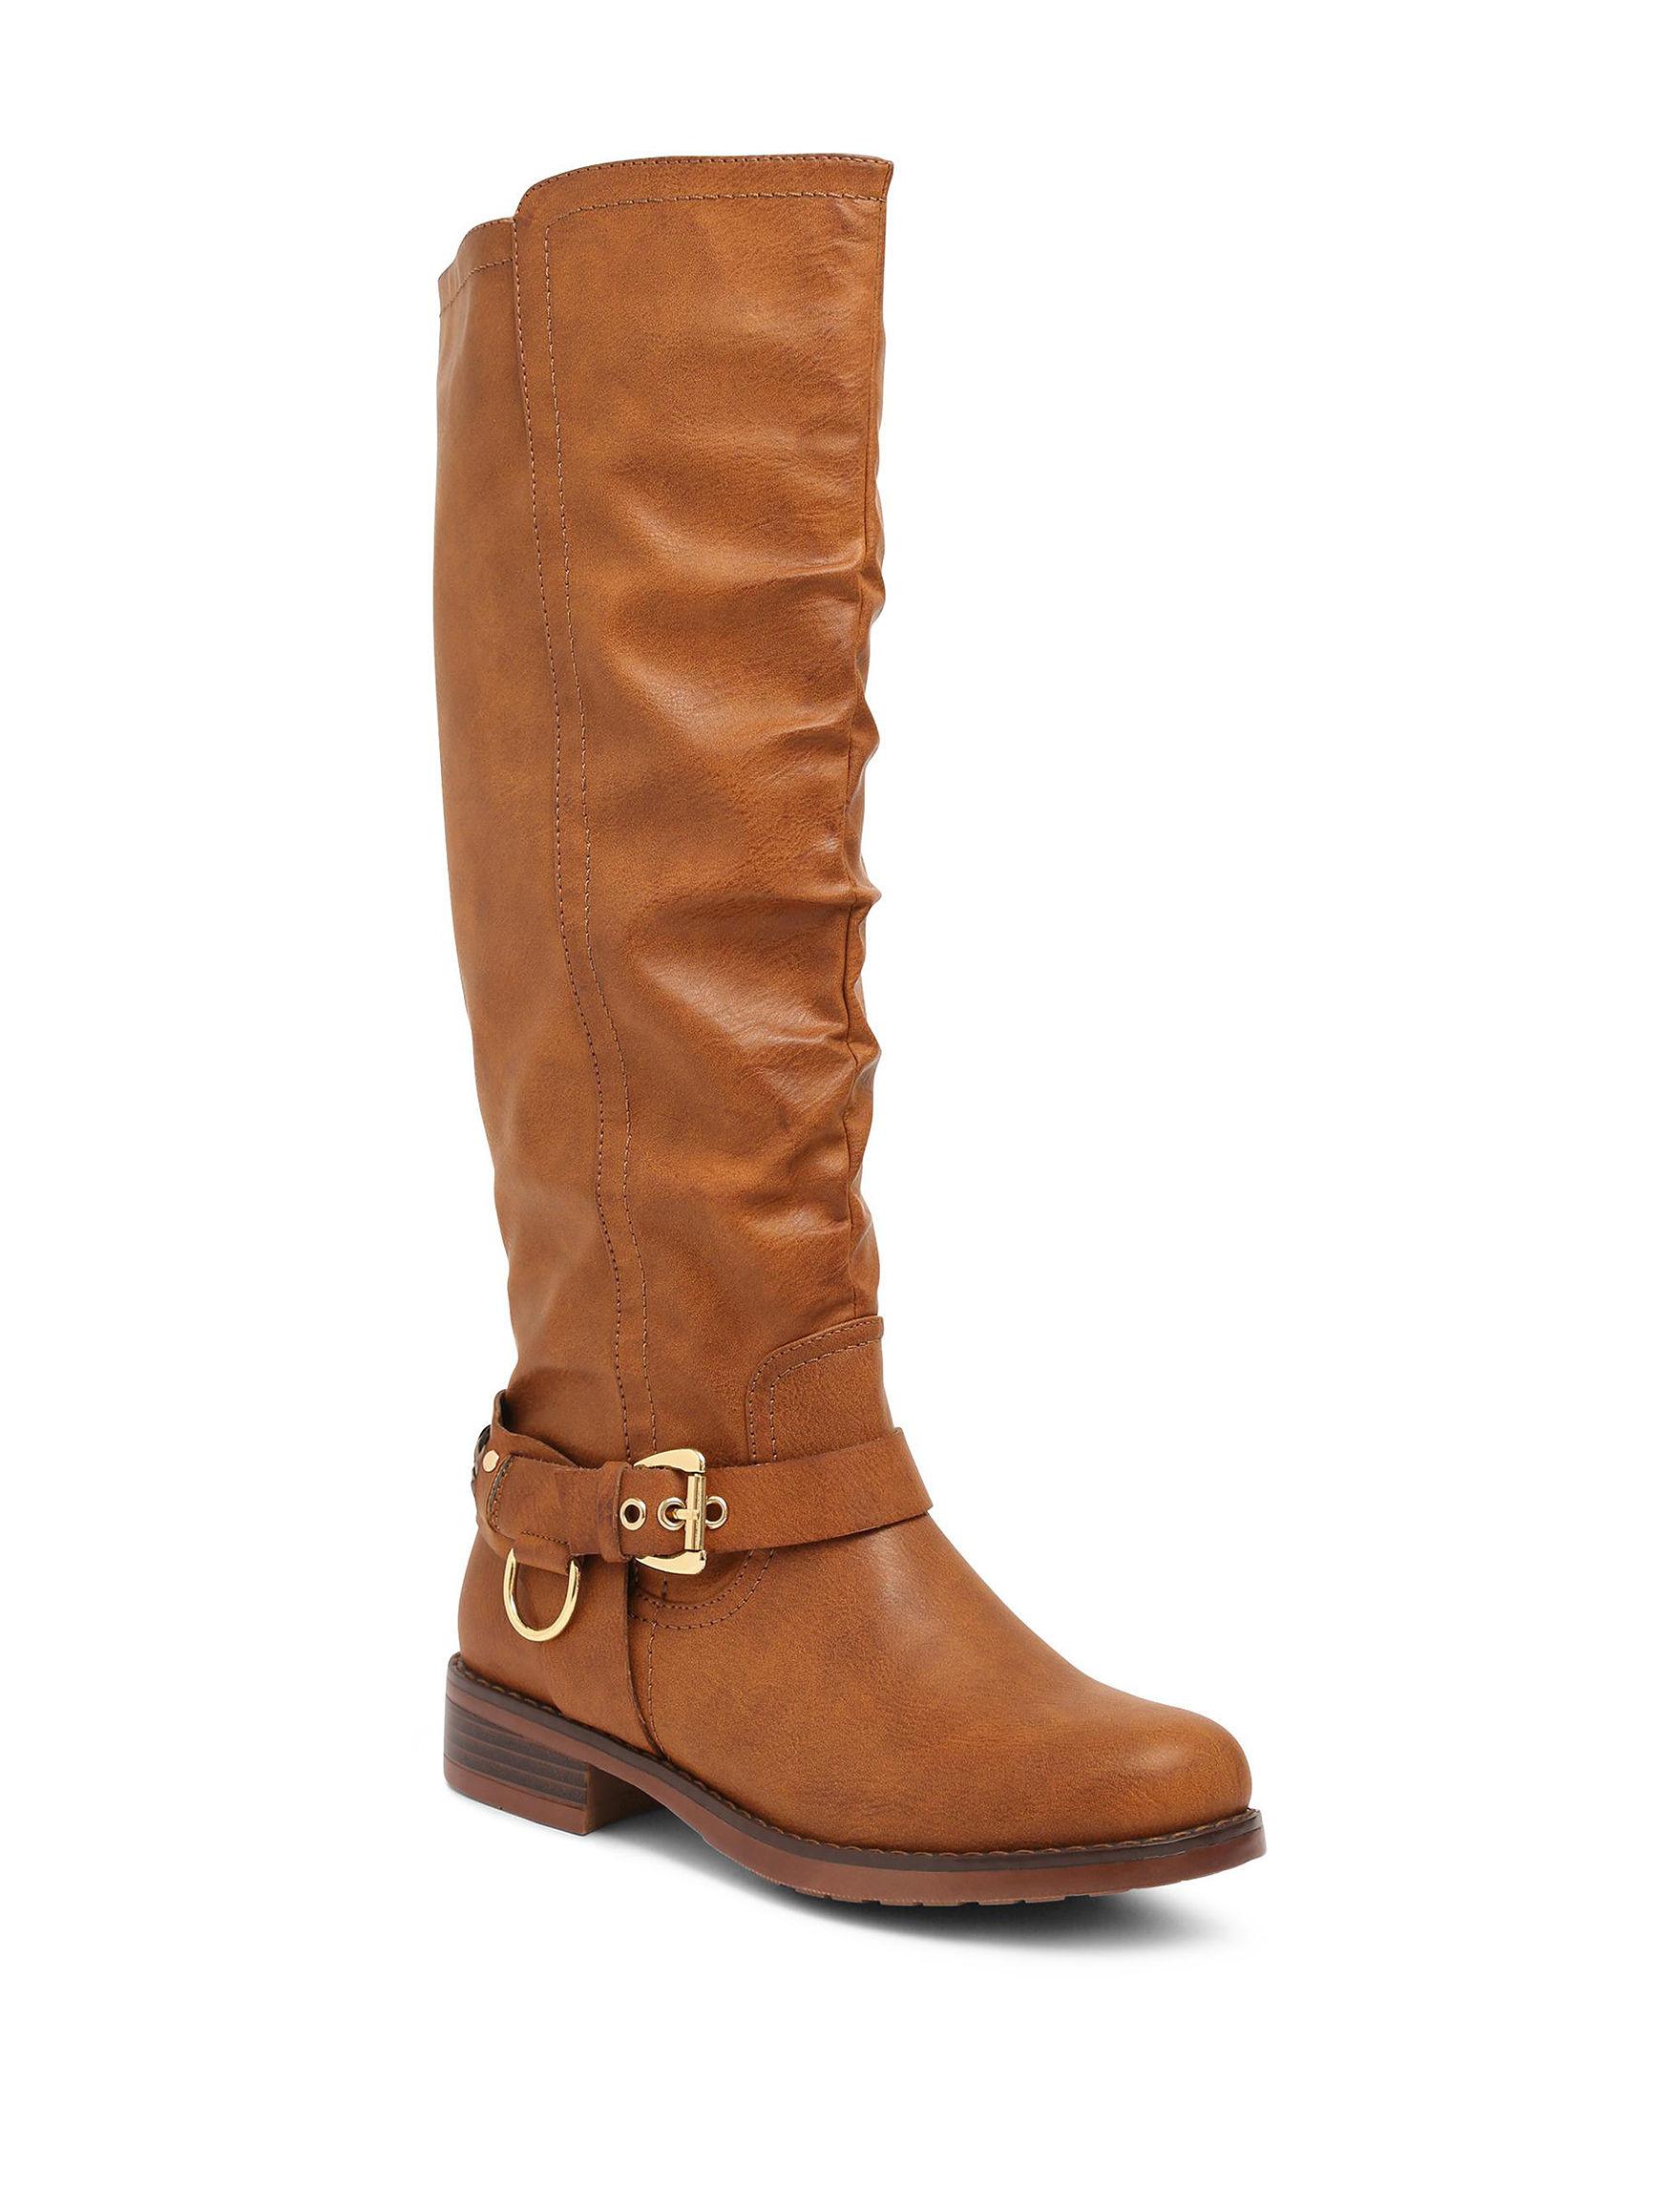 XOXO Tan Riding Boots